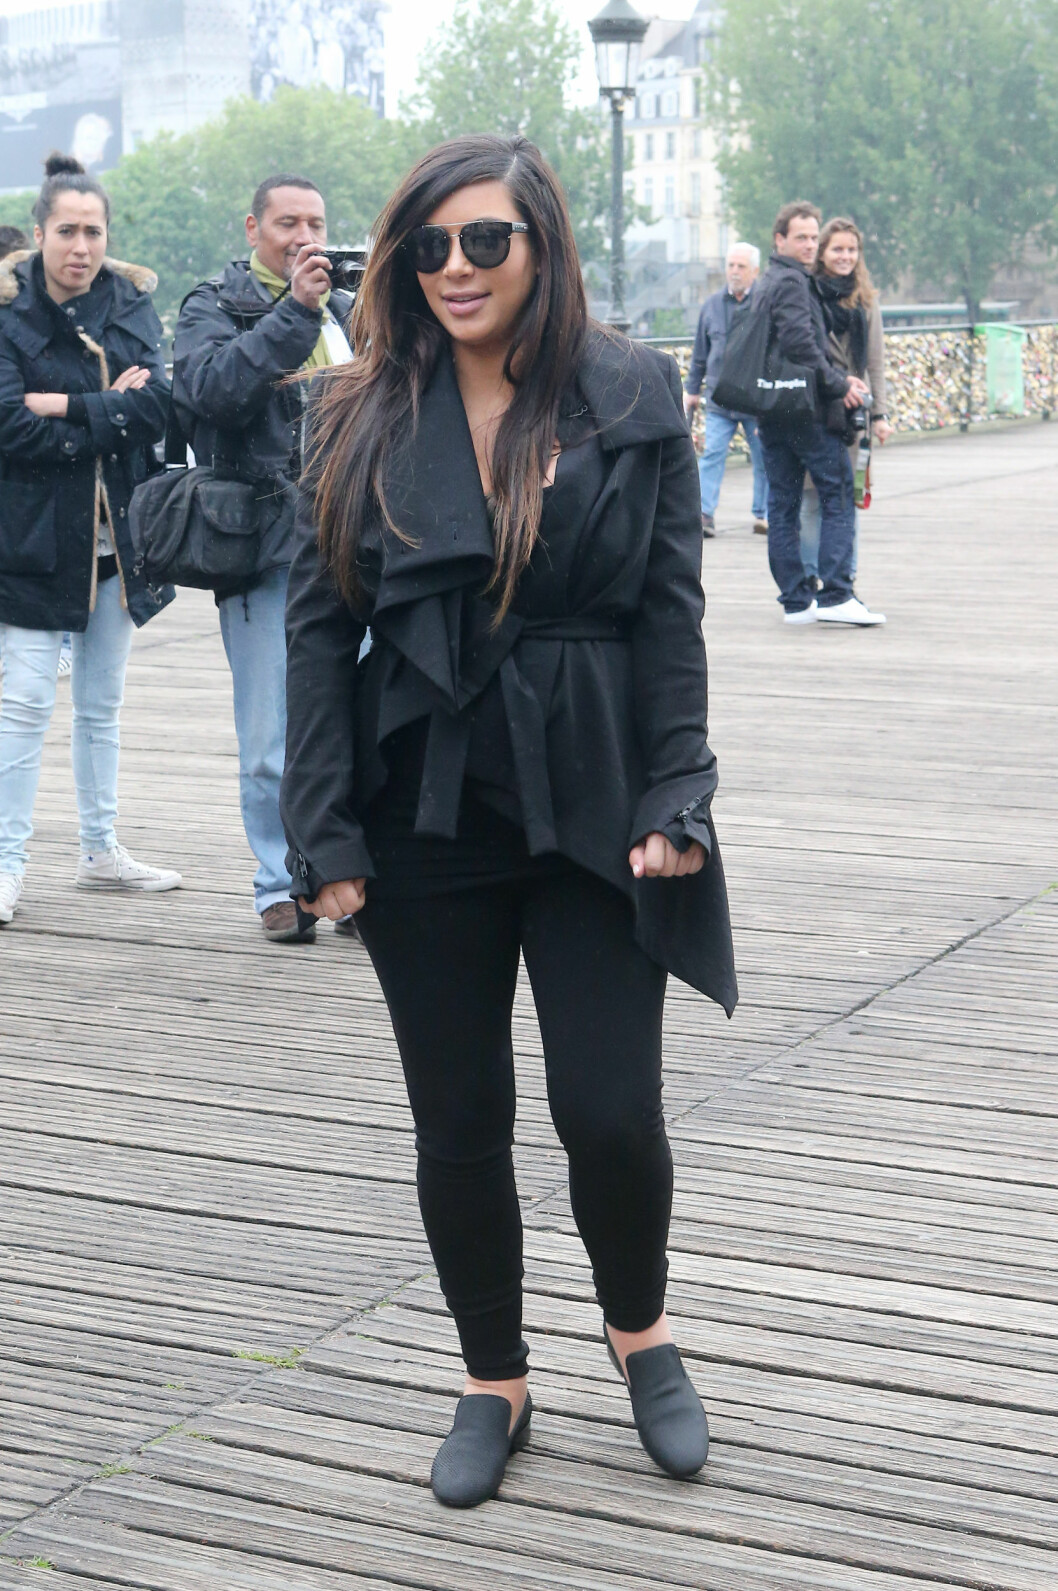 HOVEN: Kim Kardashian måtte droppe høye stroppesko mot slutten av svangerskapet. Her i Paris i slutten av mai 2013, omlag fire uker før fødselen. Foto: FameFlynet Sweden